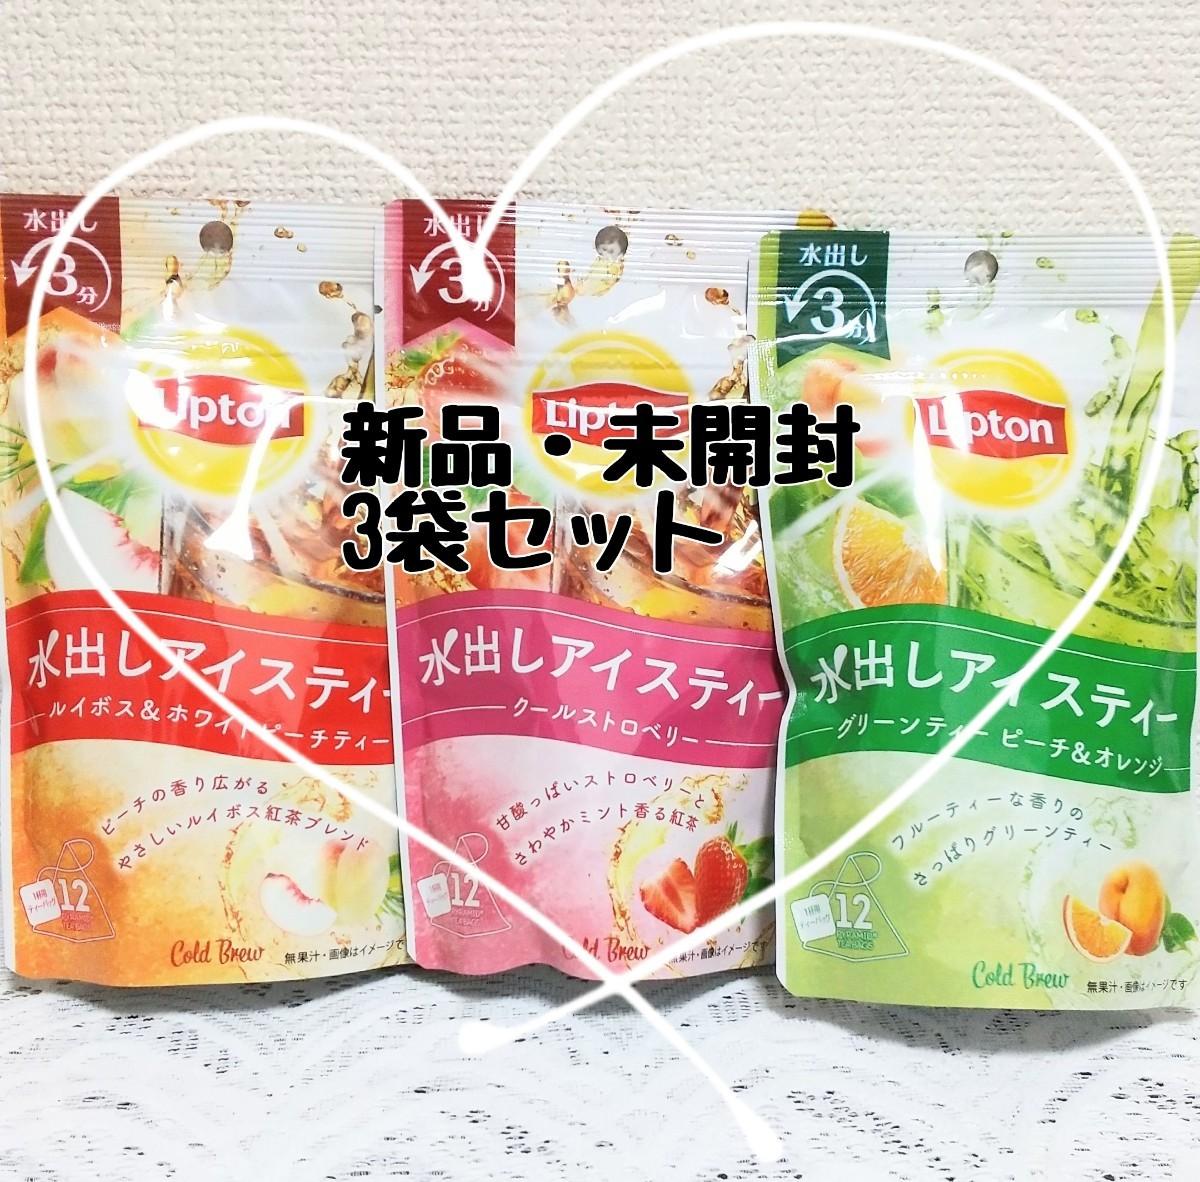 【新品】リプトン コールドブリュー 3袋セット(12ティーバッグ×3袋) ティーバッグ アイスティー 水出し 紅茶  無糖